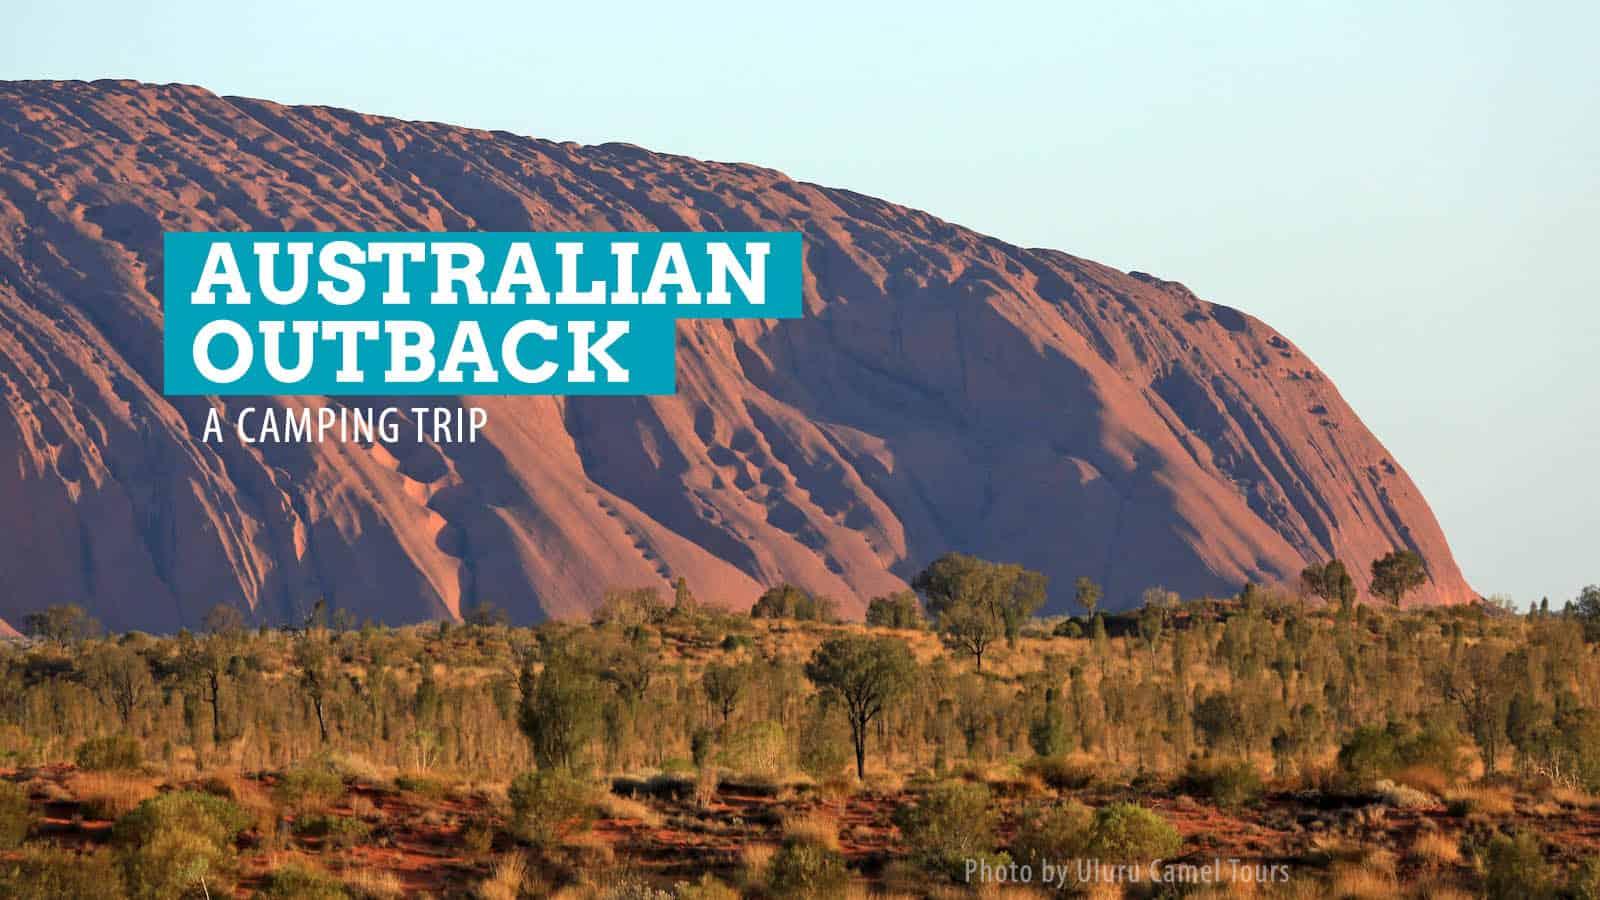 岩石之旅。从爱丽斯泉到乌鲁鲁的露营之旅,澳大利亚   穷游者的行程安排博客